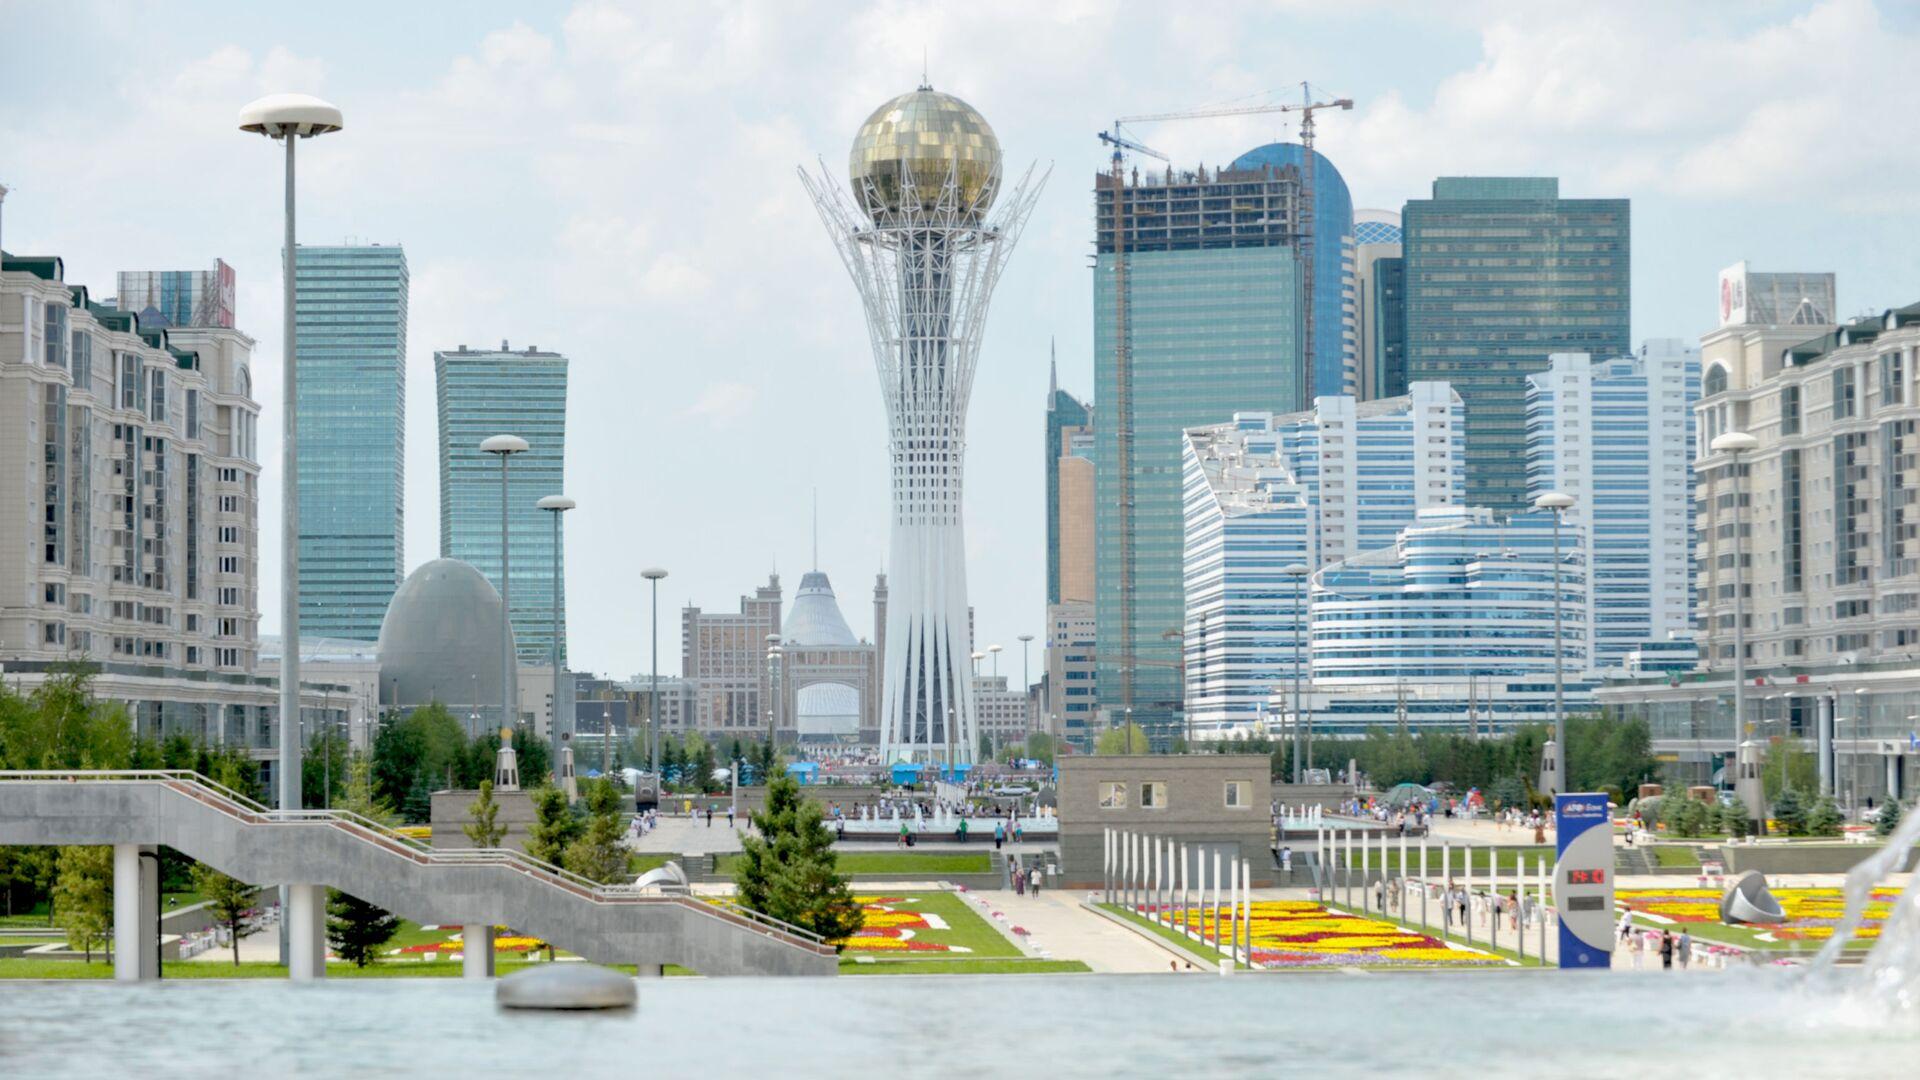 Kazachstán, Astana - Sputnik Česká republika, 1920, 21.09.2021